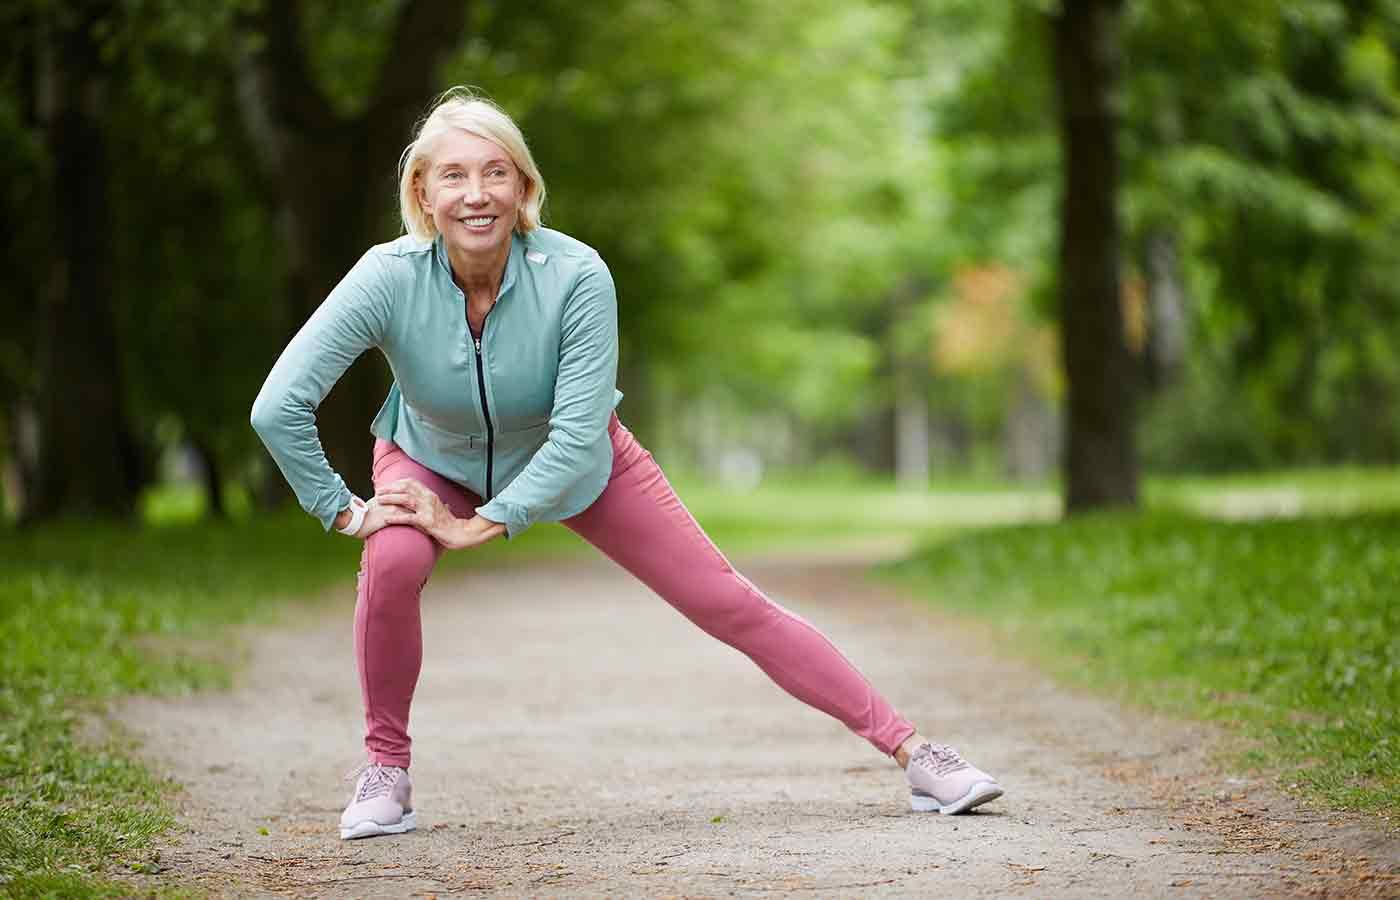 Caminar a diario evita el envejecimiento